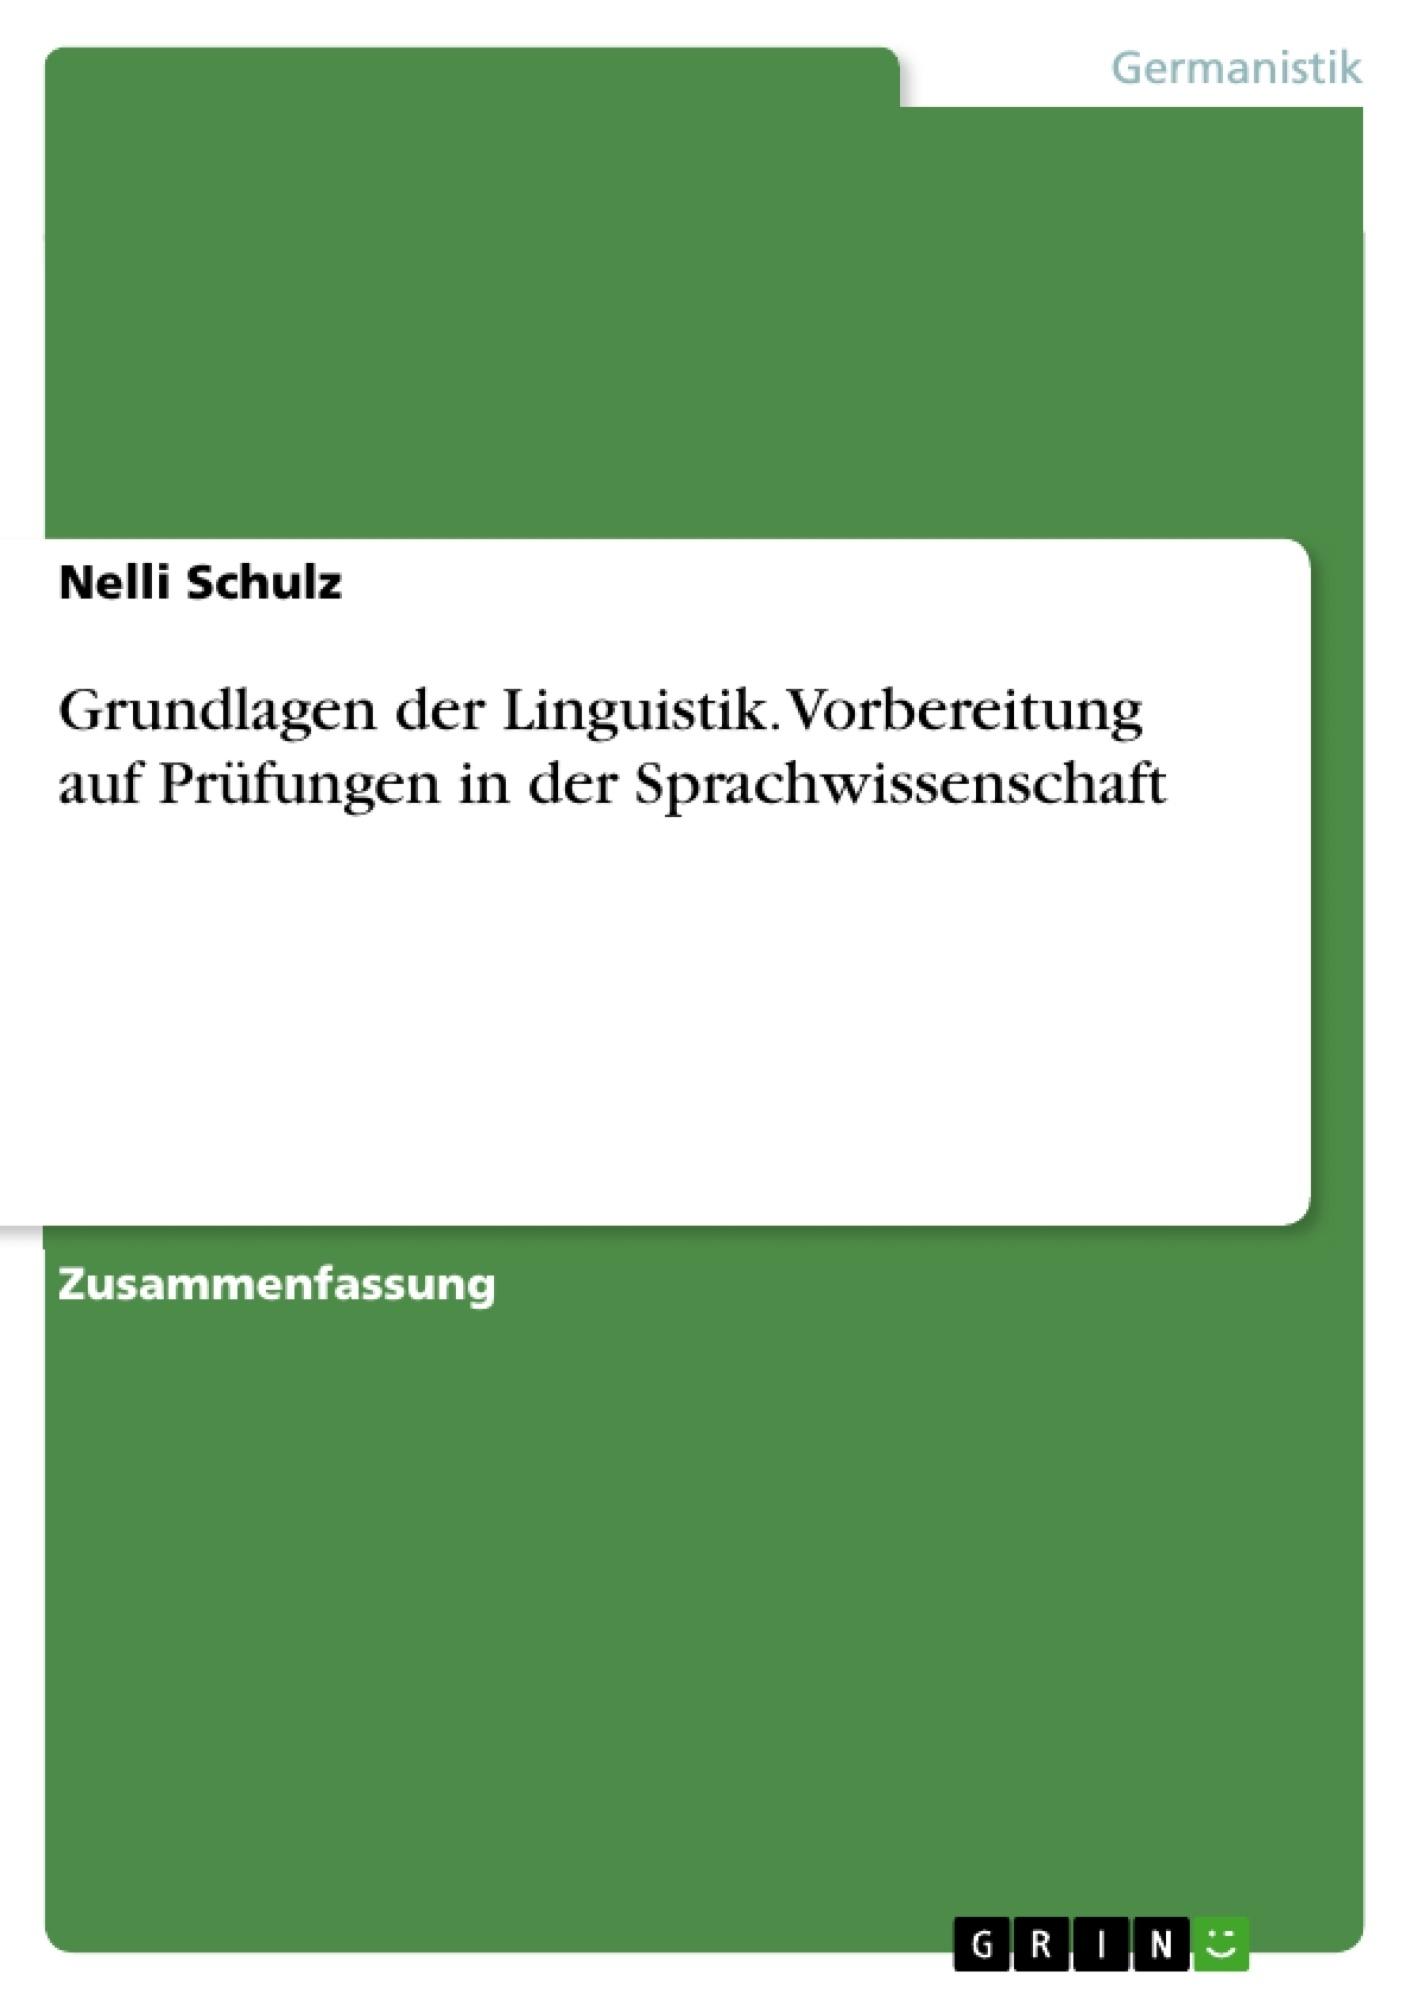 Titel: Grundlagen der Linguistik. Vorbereitung auf Prüfungen in der Sprachwissenschaft